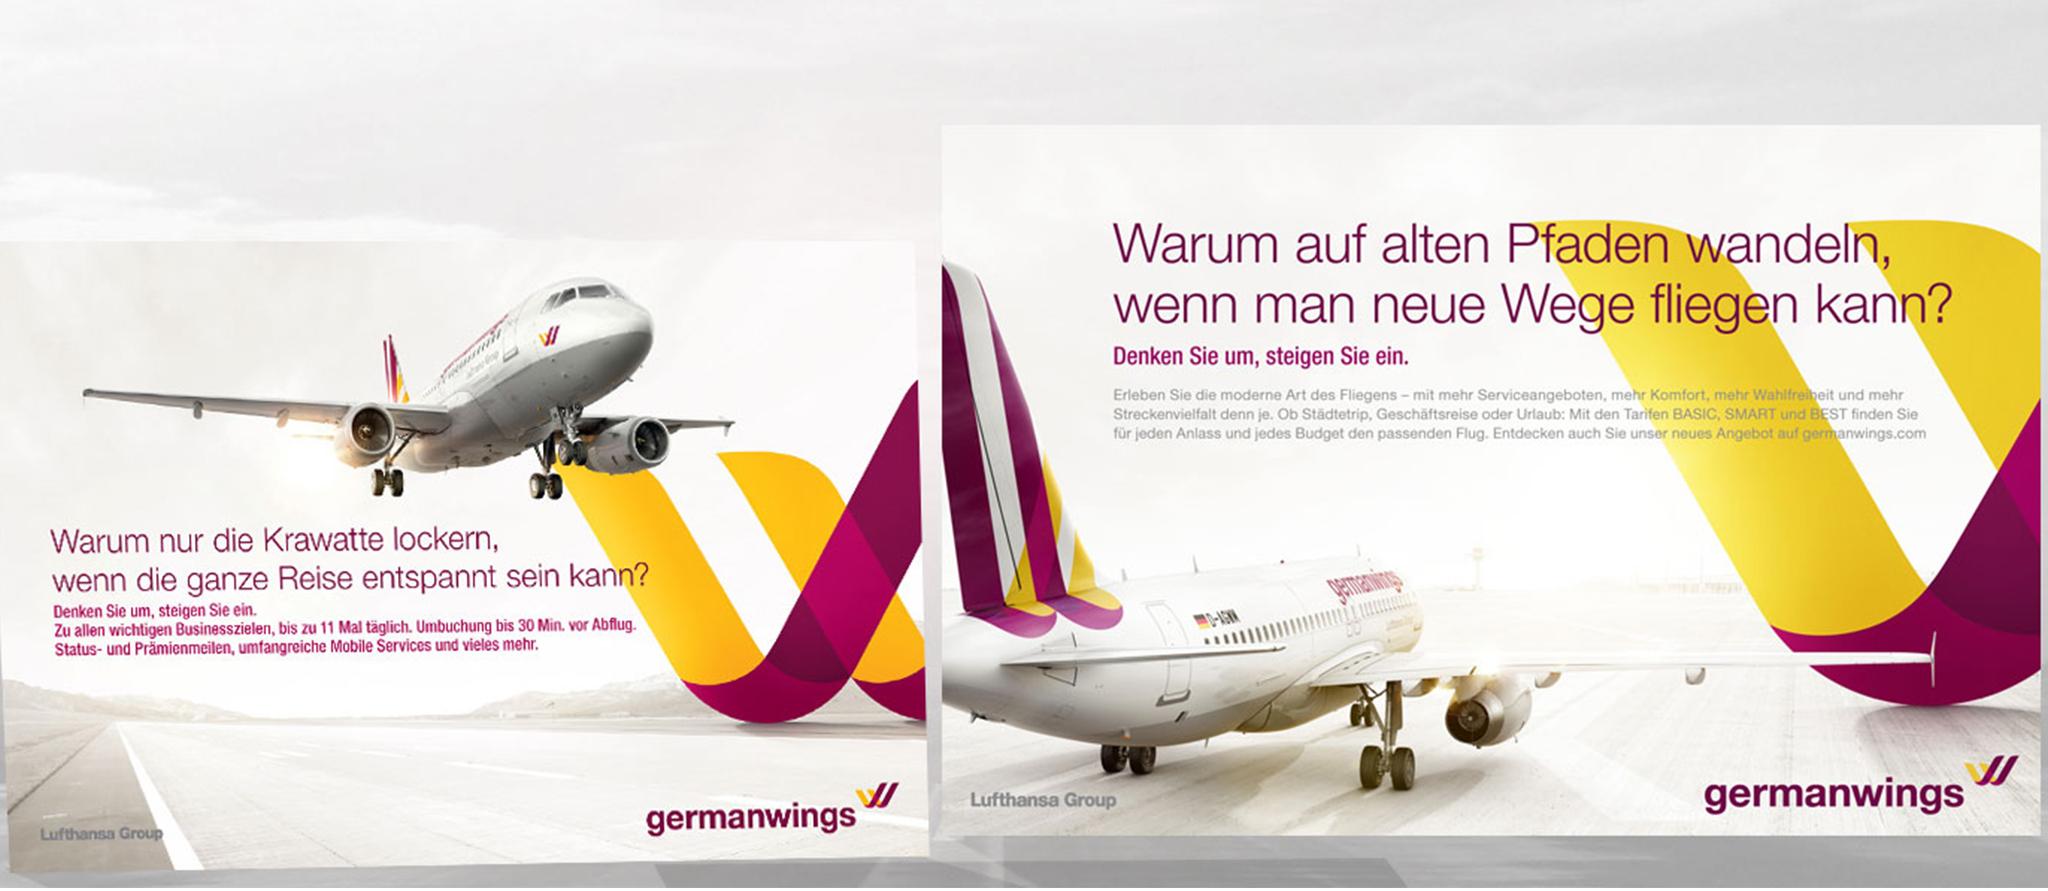 Germanwings_page_05